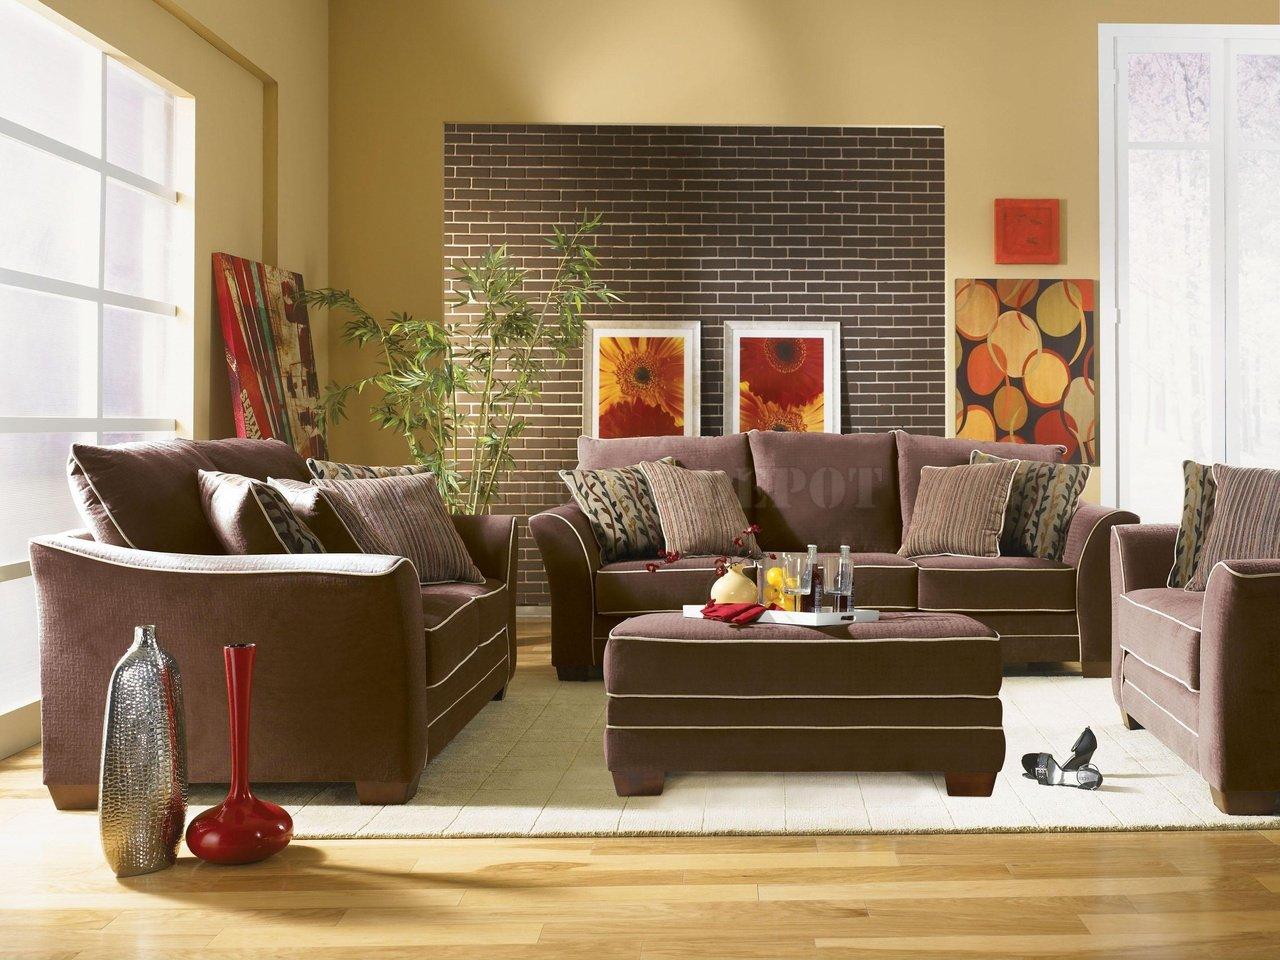 interior sofas living room knoll uk design ideas designs home